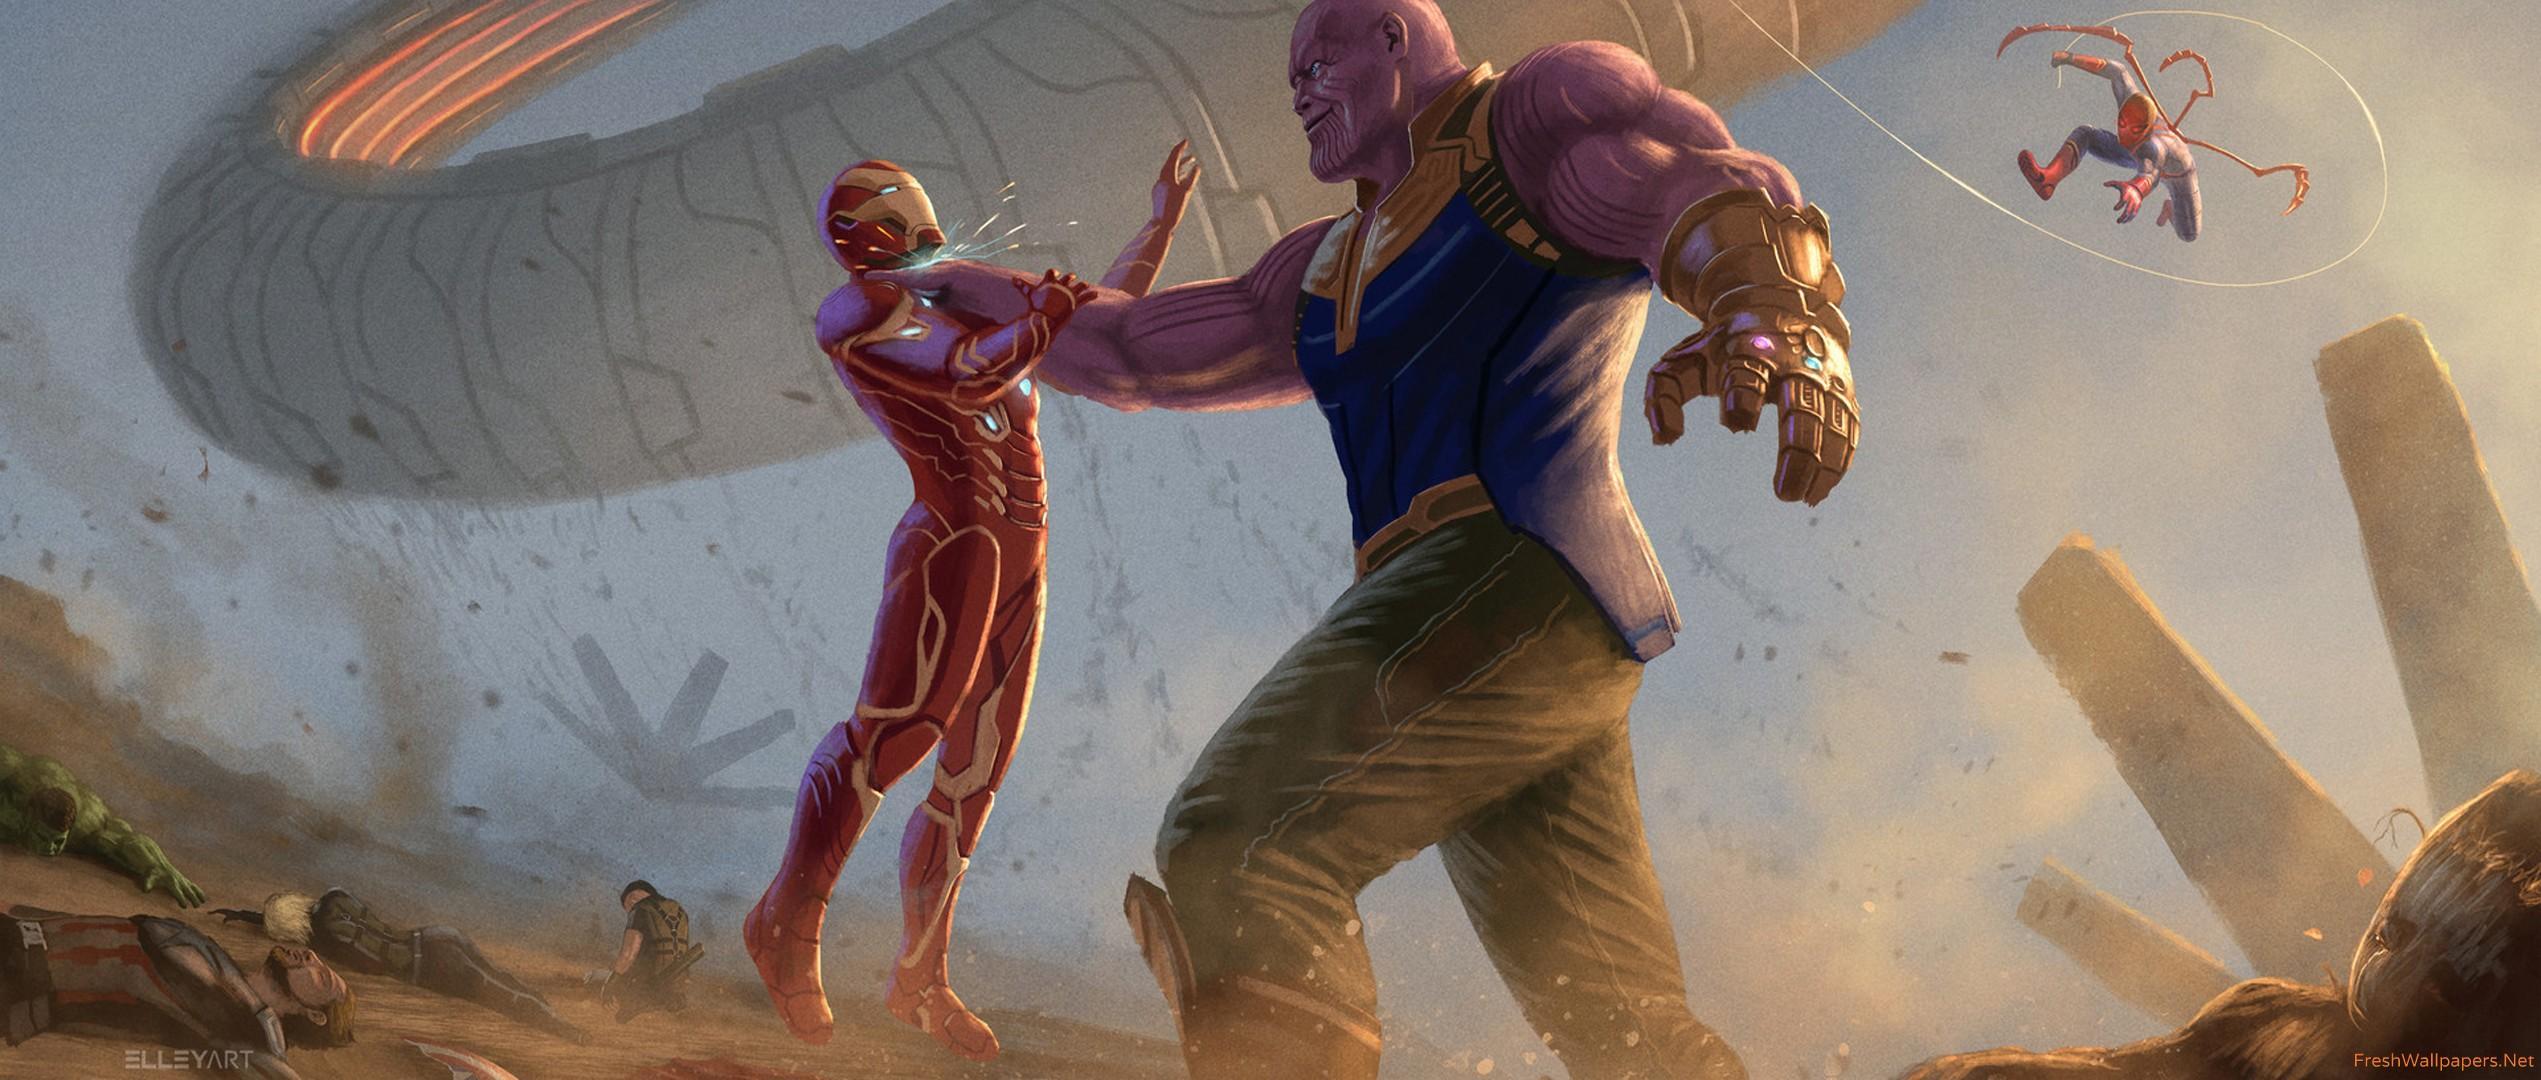 Wallpaper Thanos Avengers Infinity War Artwork Hd: Iron Man Infinity War Wallpapers